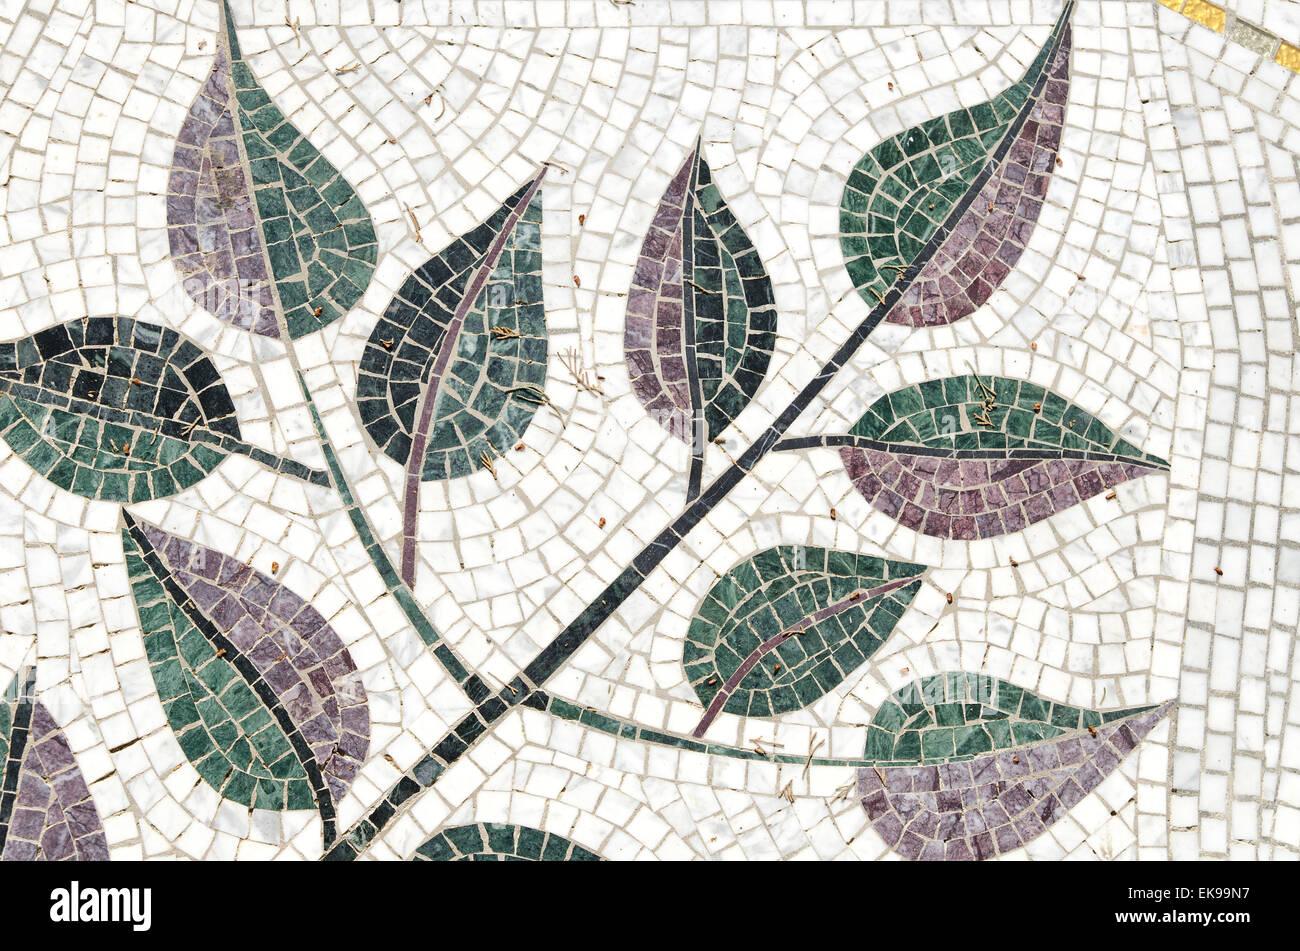 tree-like mosaic background - Stock Image